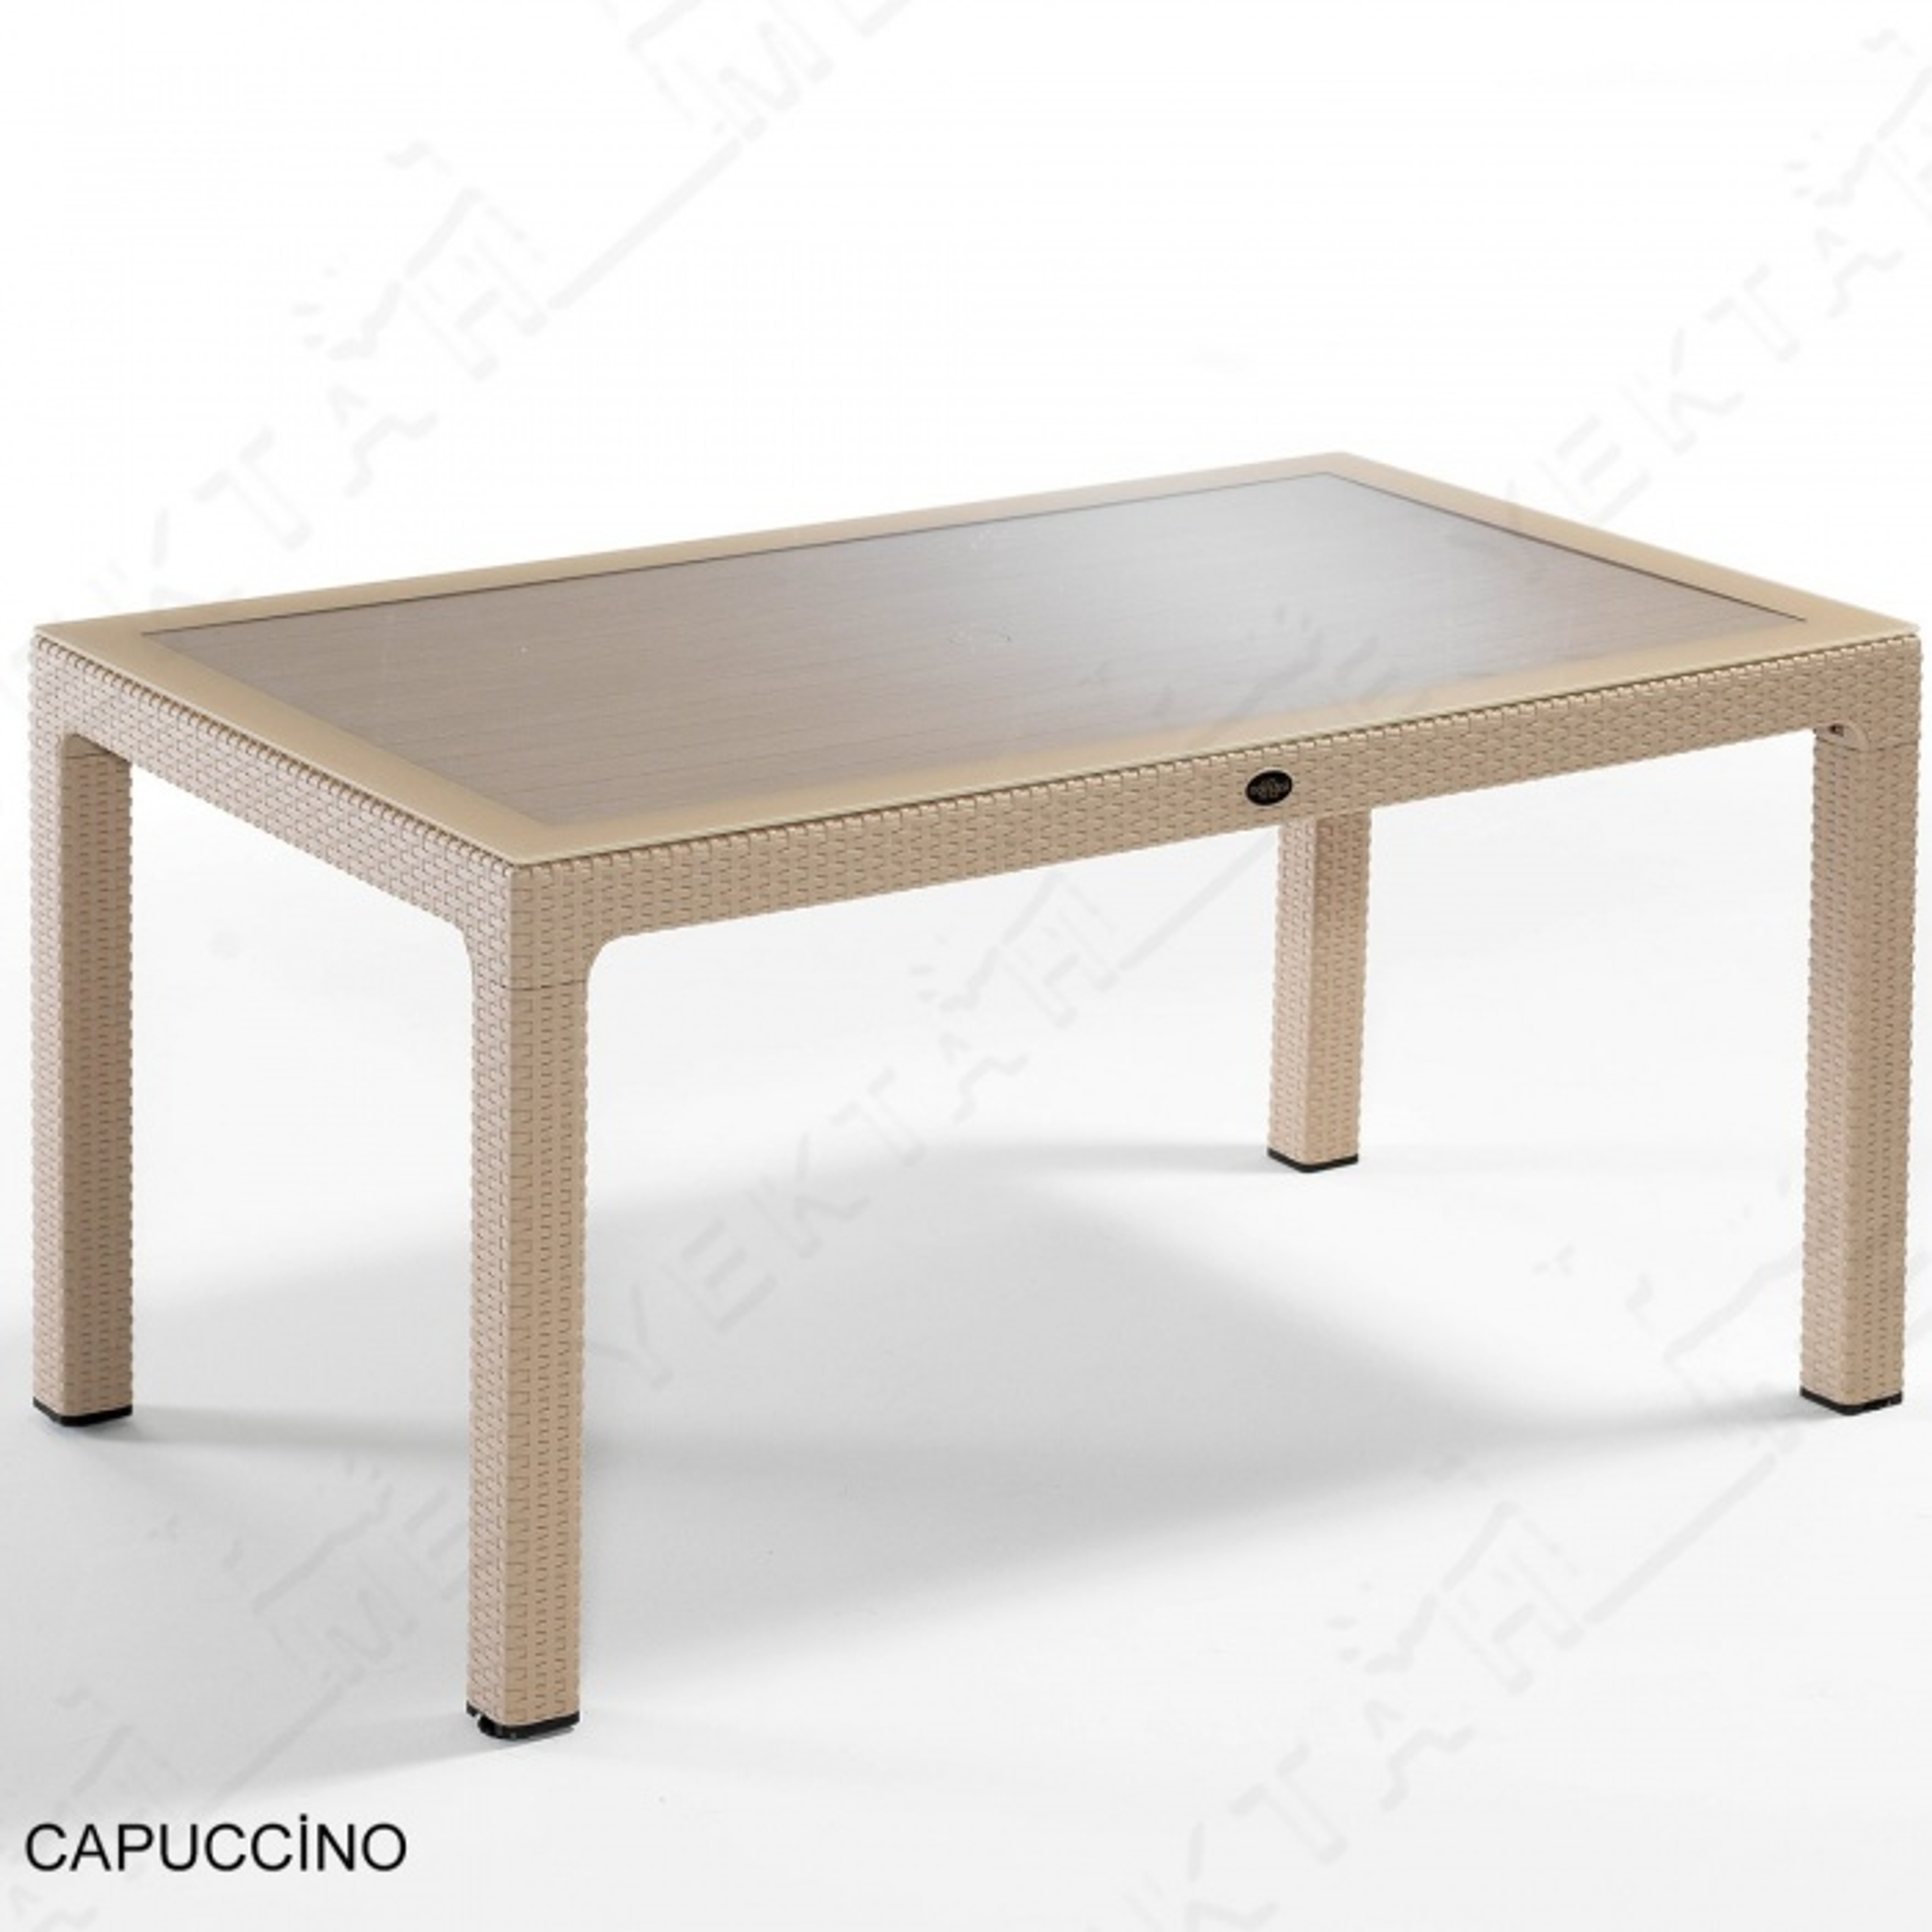 Novussi 150G Camlı Masa Bahçe ve Yemek Masası 6 Kişilik Cappucino